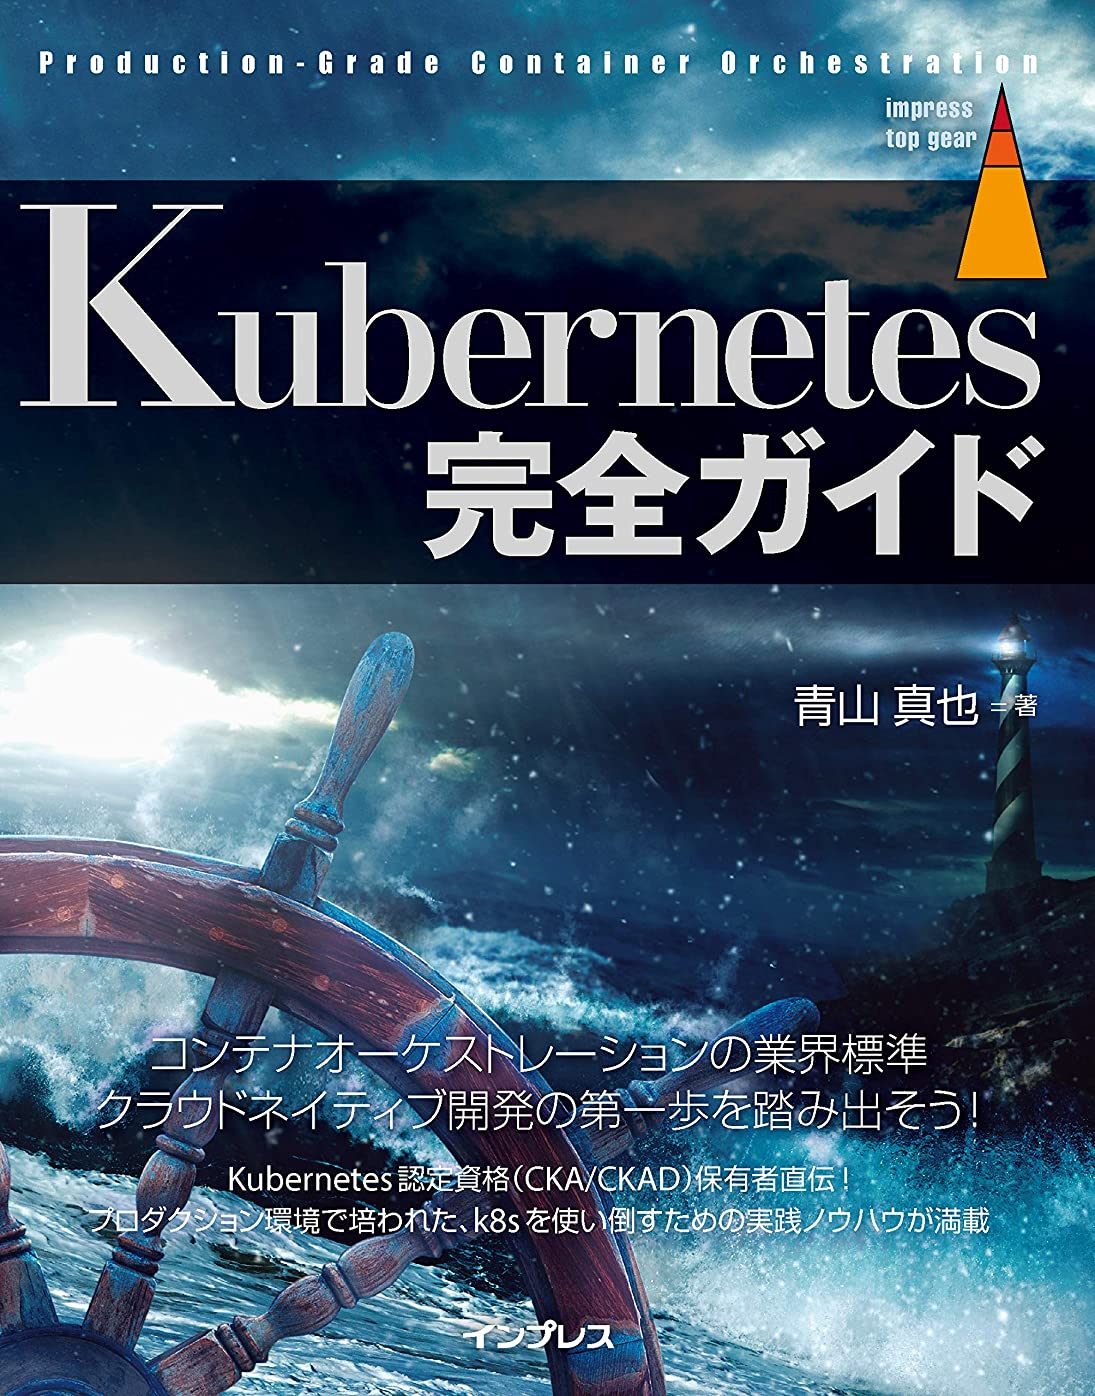 間違えたマウンド公園Kubernetes完全ガイド impress top gearシリーズ